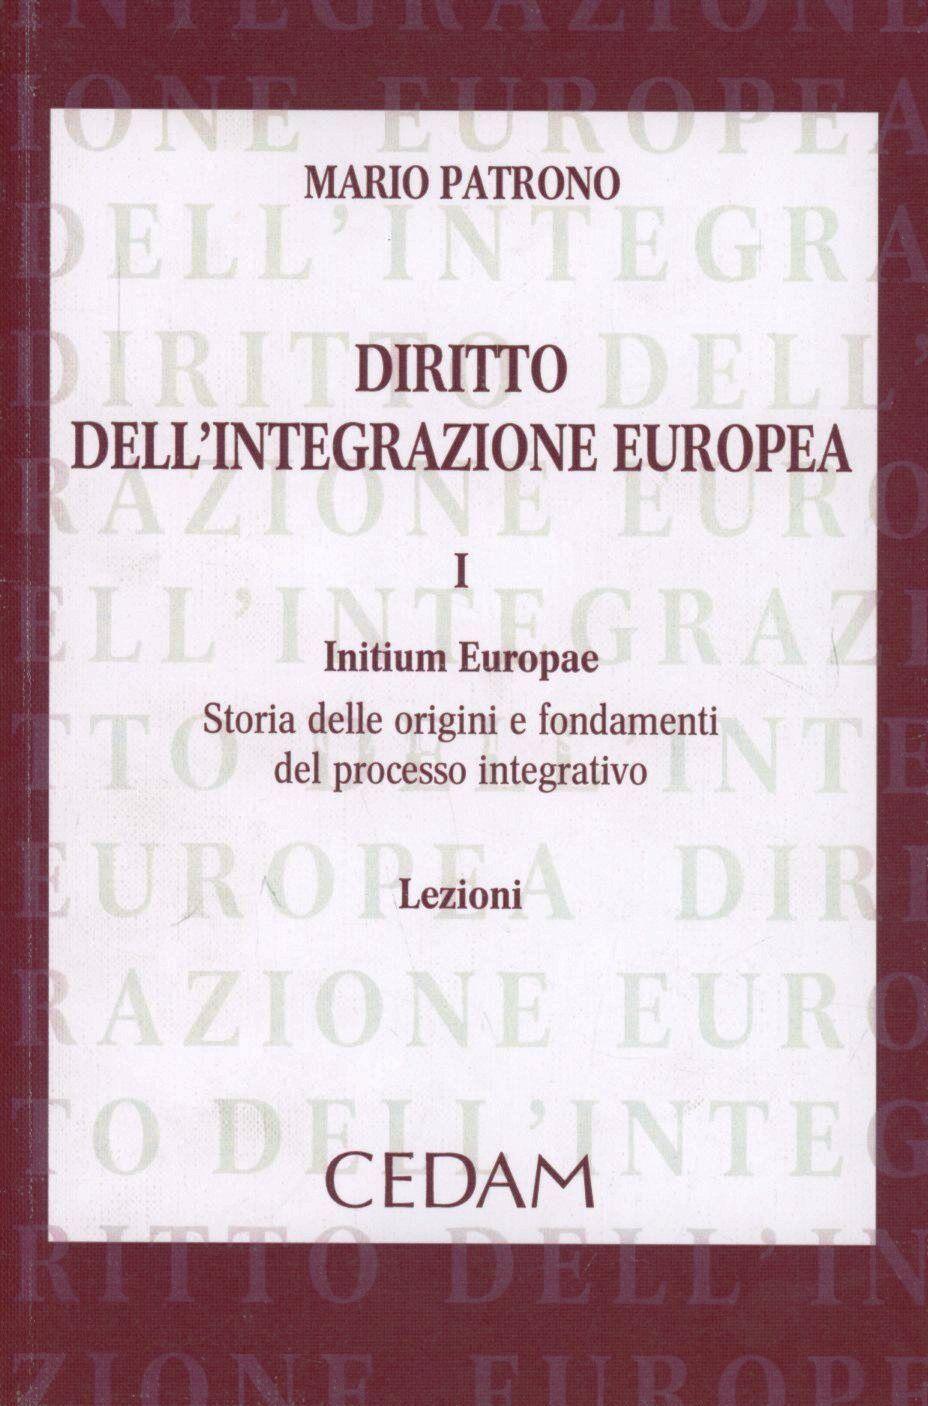 Diritto dell'integrazione europea. Lezioni. Vol. 1: Initium Europae. Storia delle origini e fondamenti del processo integrativo.